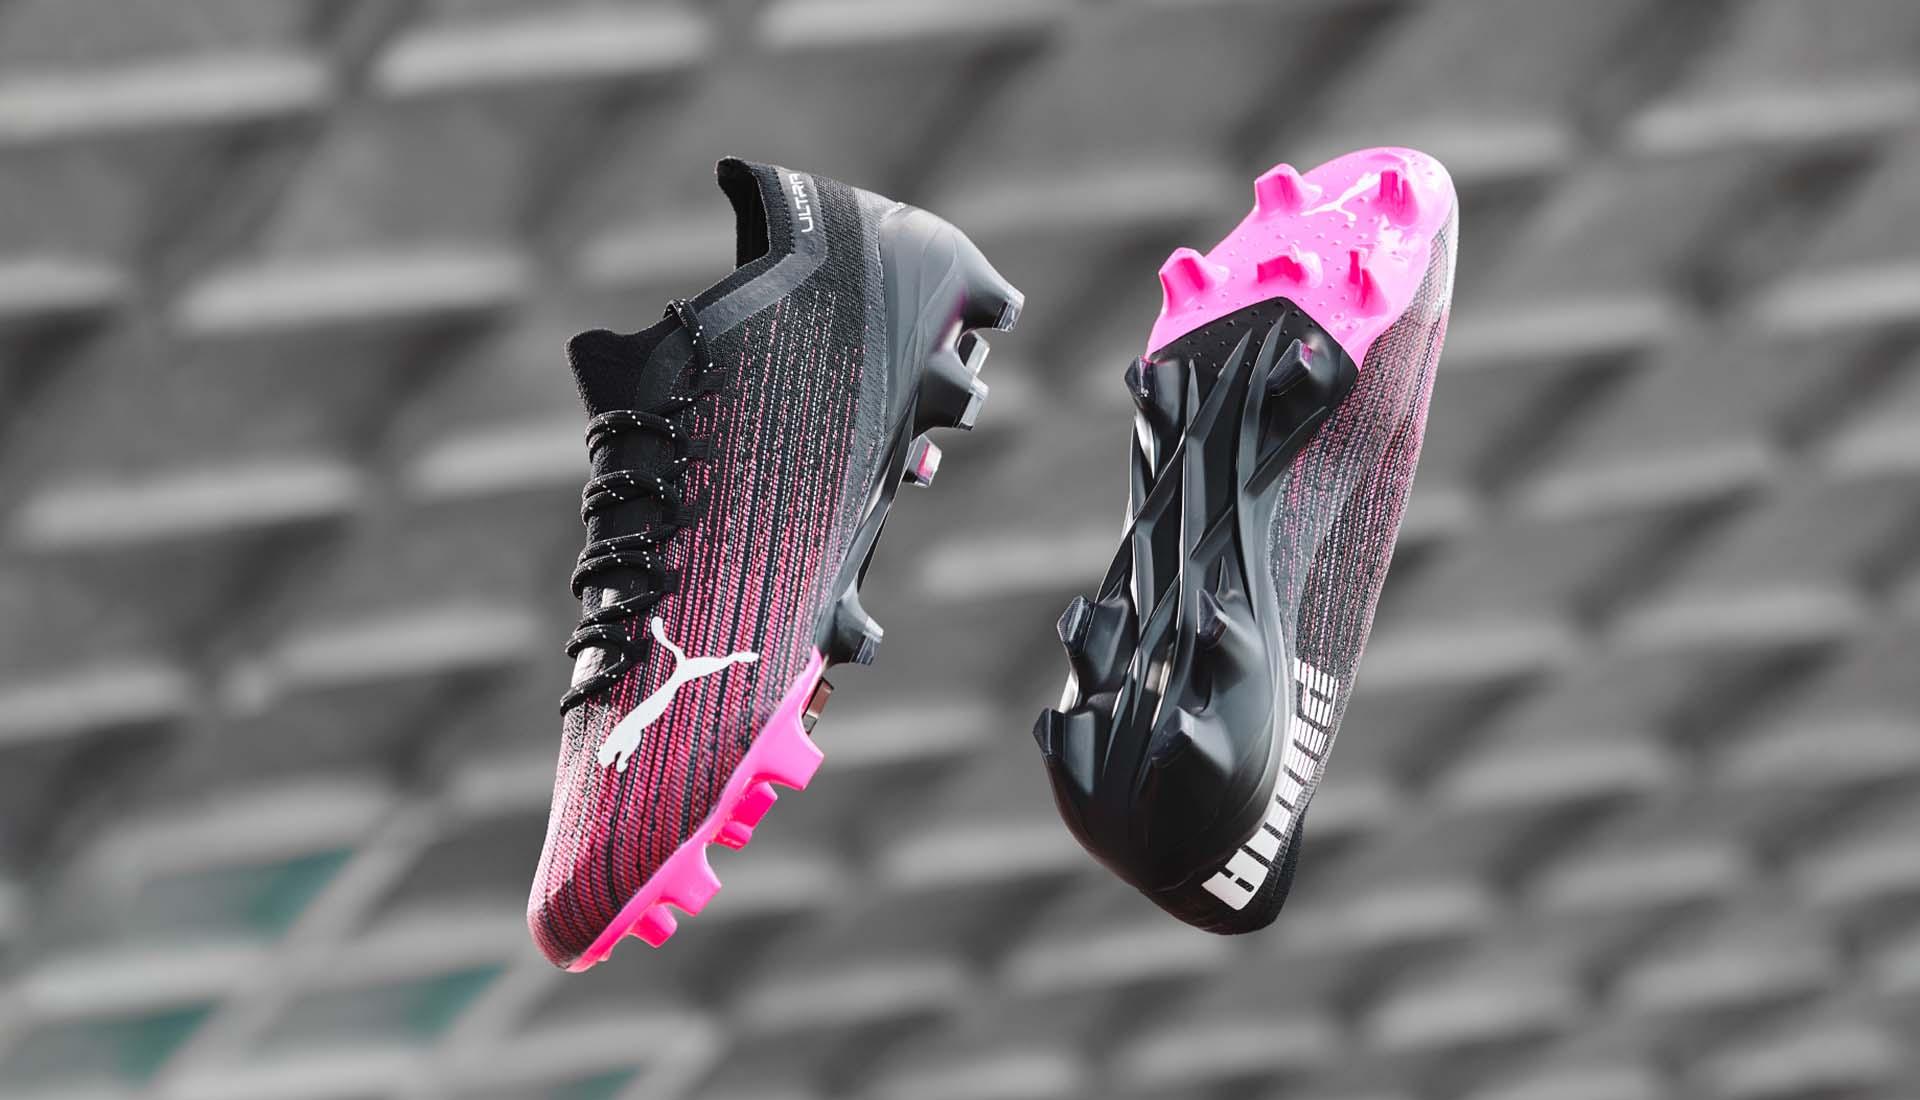 Giày đá bóng Puma Ultra 1.1 Turbo